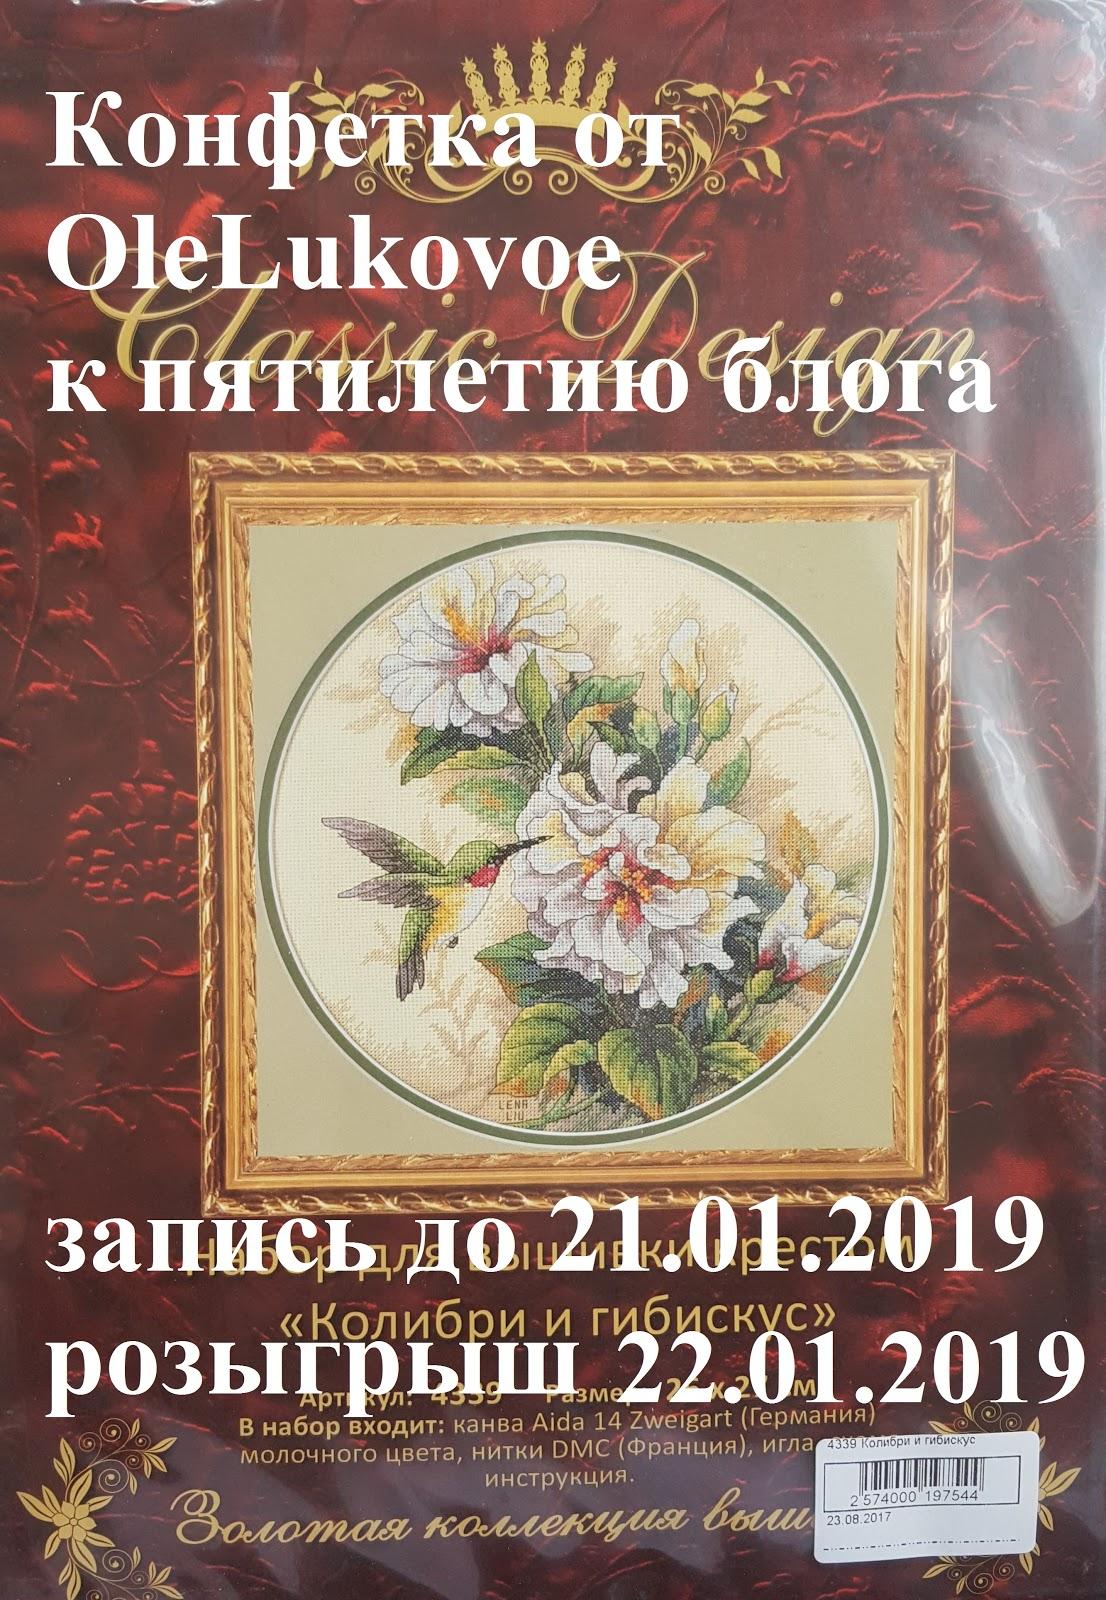 Конфетка №2 от Olelukovoe к пятилетию блога